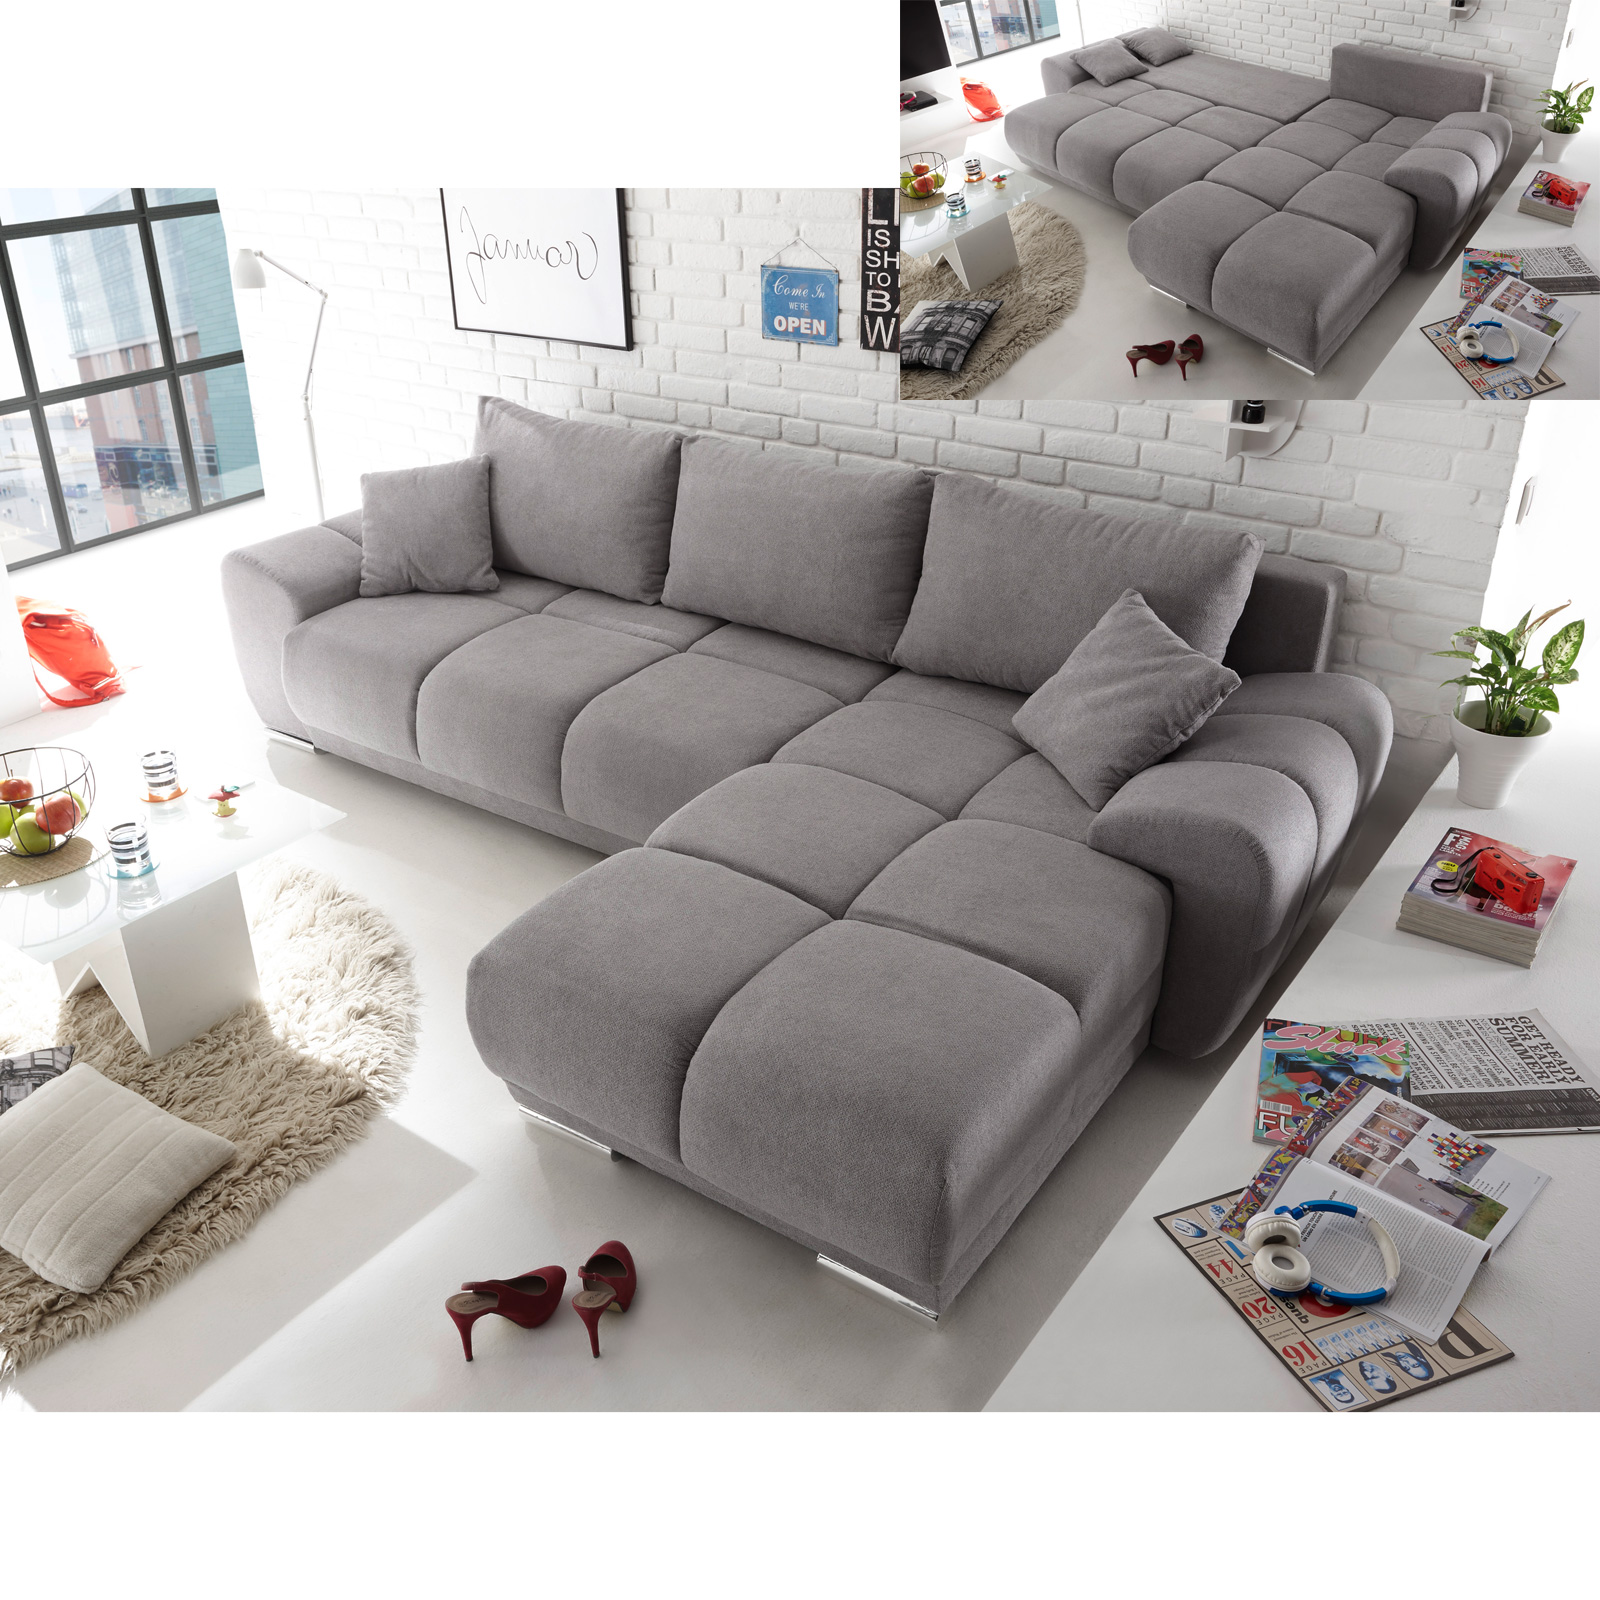 ecksofa arox stoff grau braun taupe nosagfederung schlaffunktion und bettkasten ebay. Black Bedroom Furniture Sets. Home Design Ideas